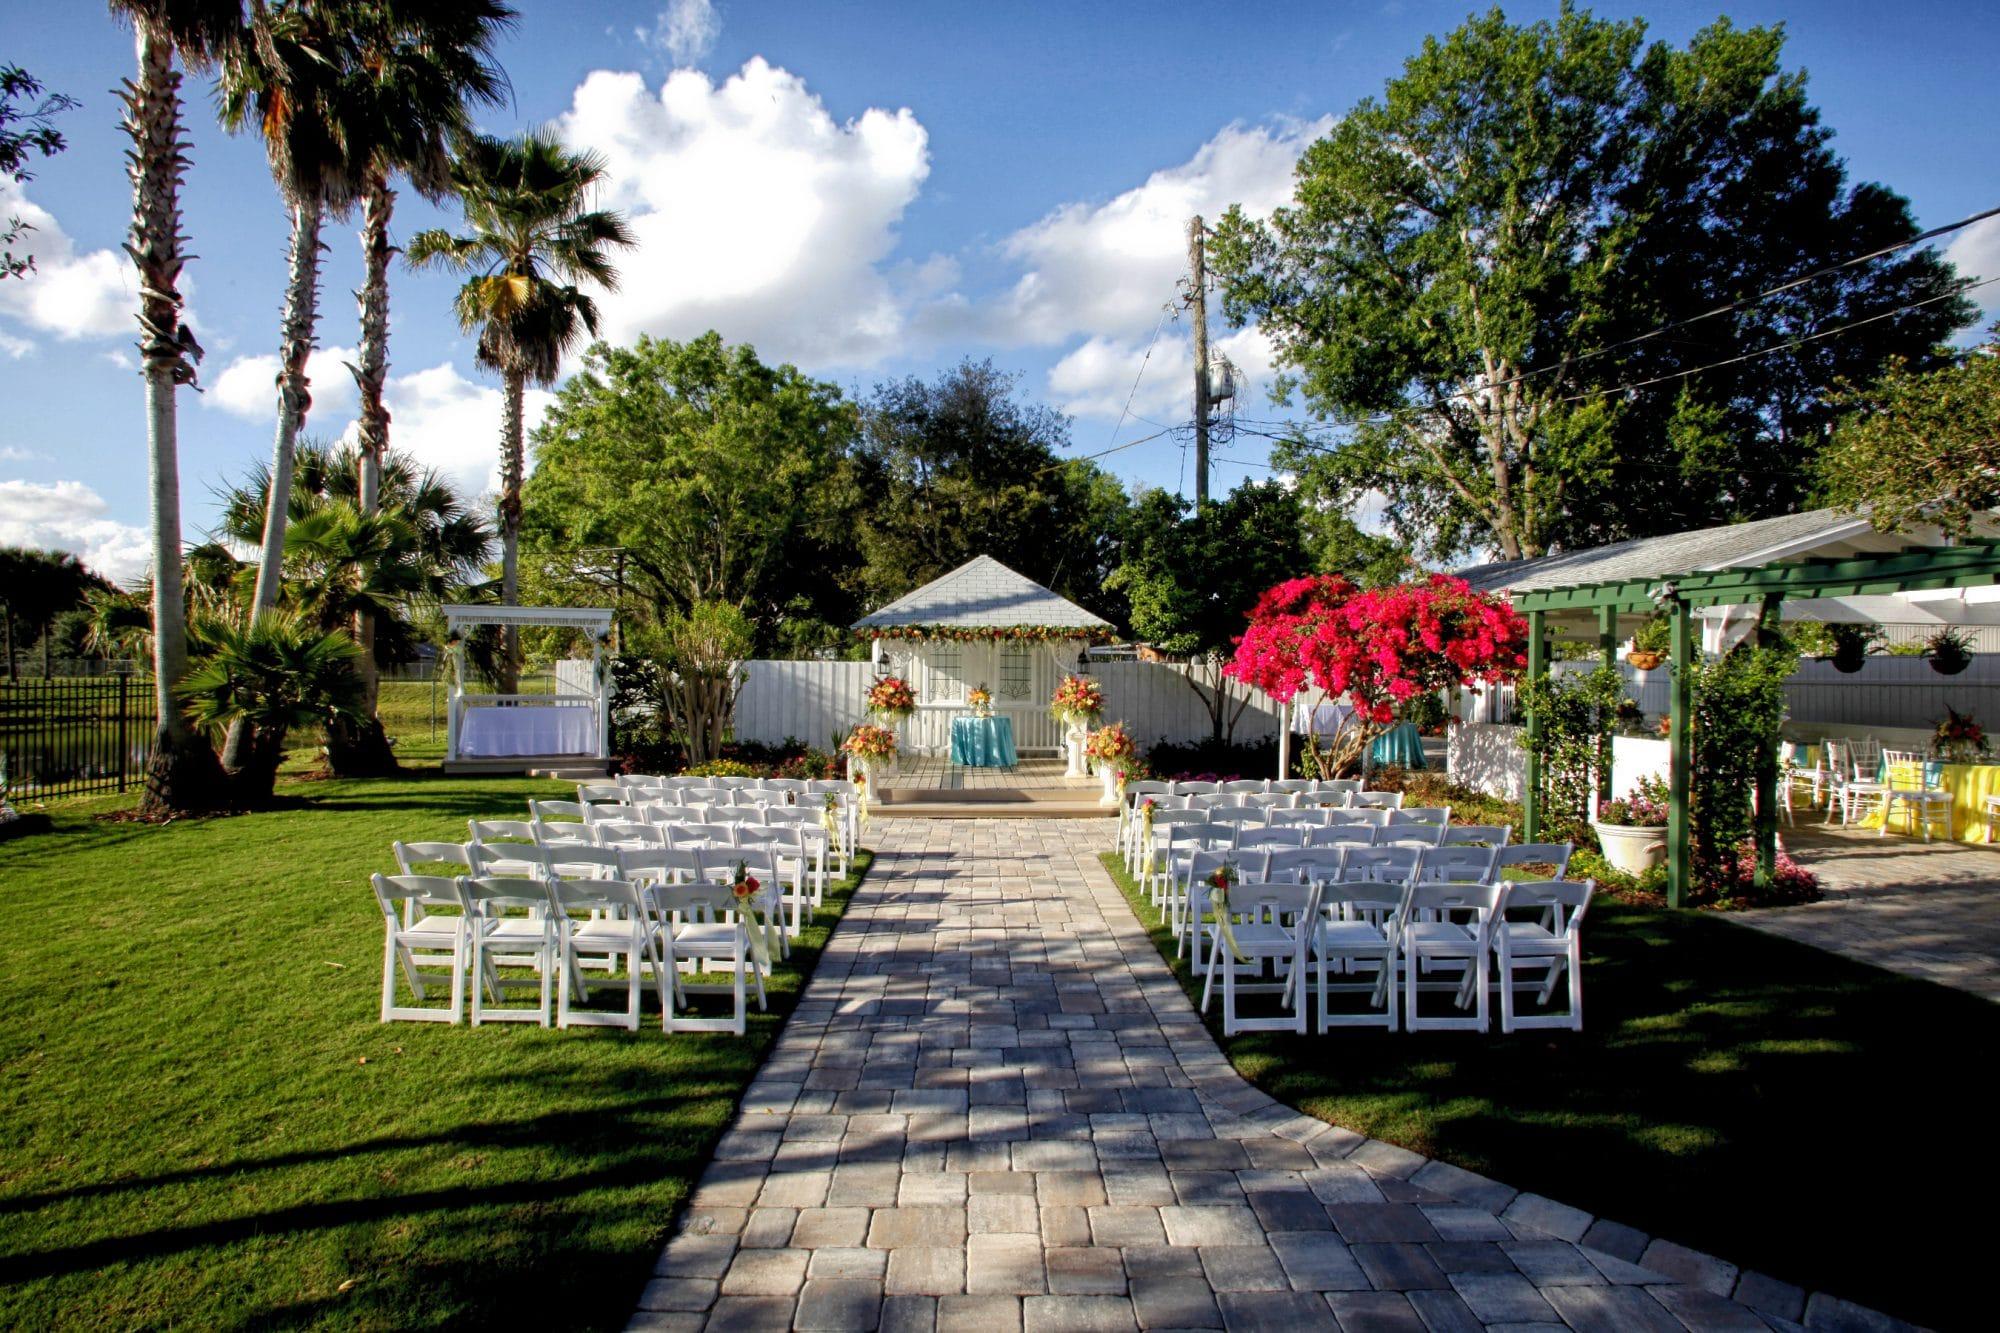 Spotlight: Celebrate In Style At Celebration Gardens